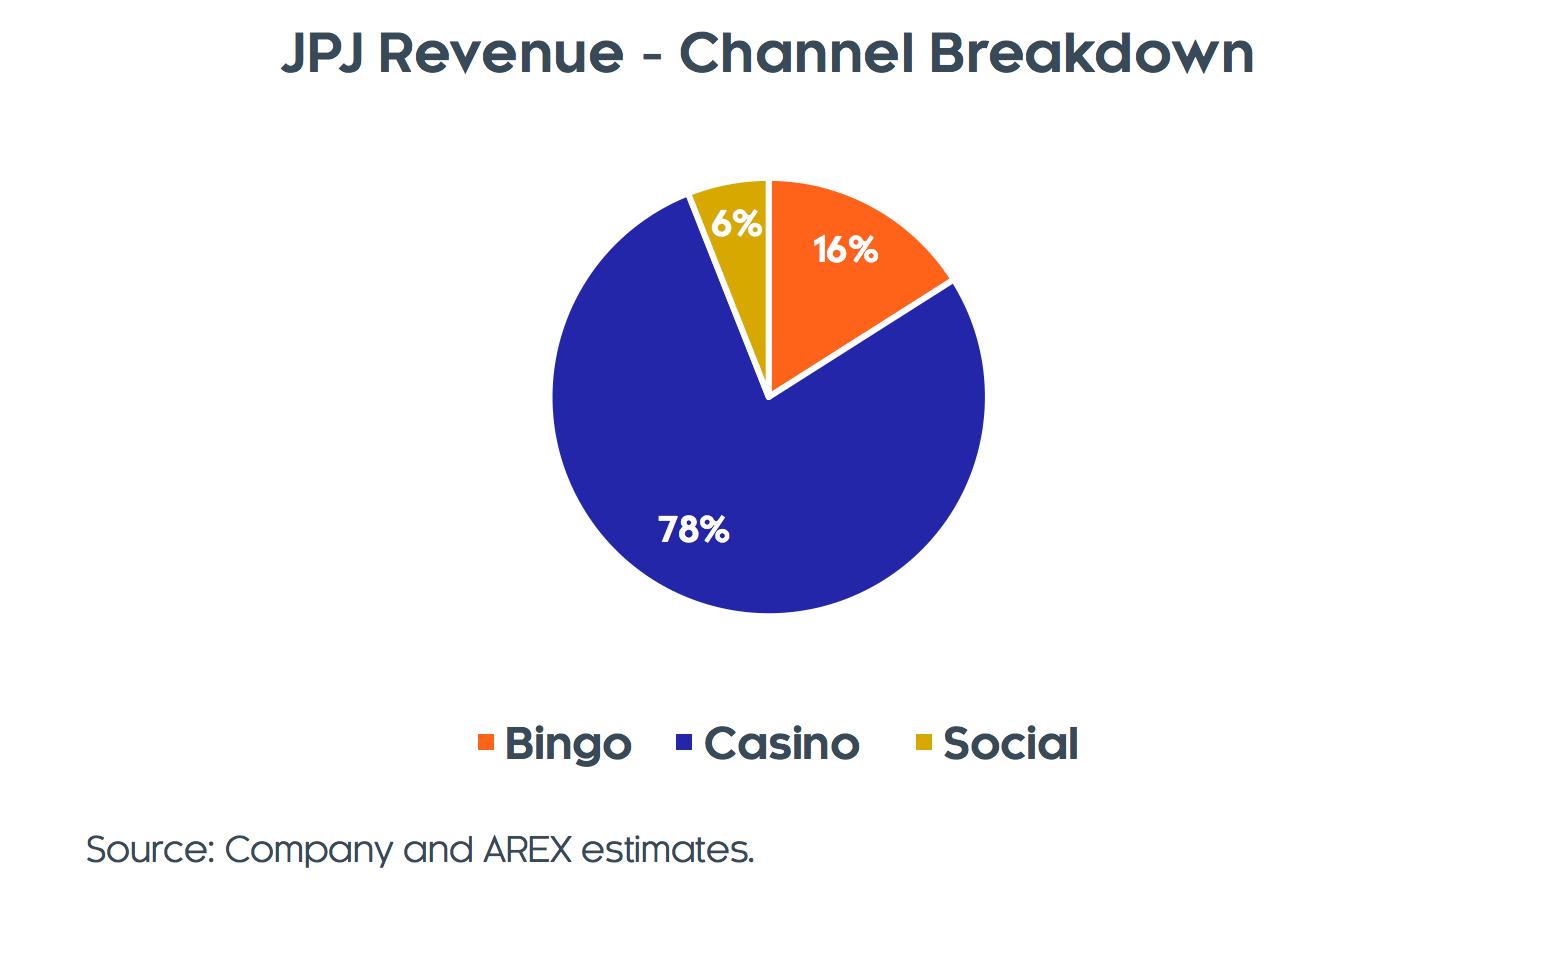 Channel Breakdown